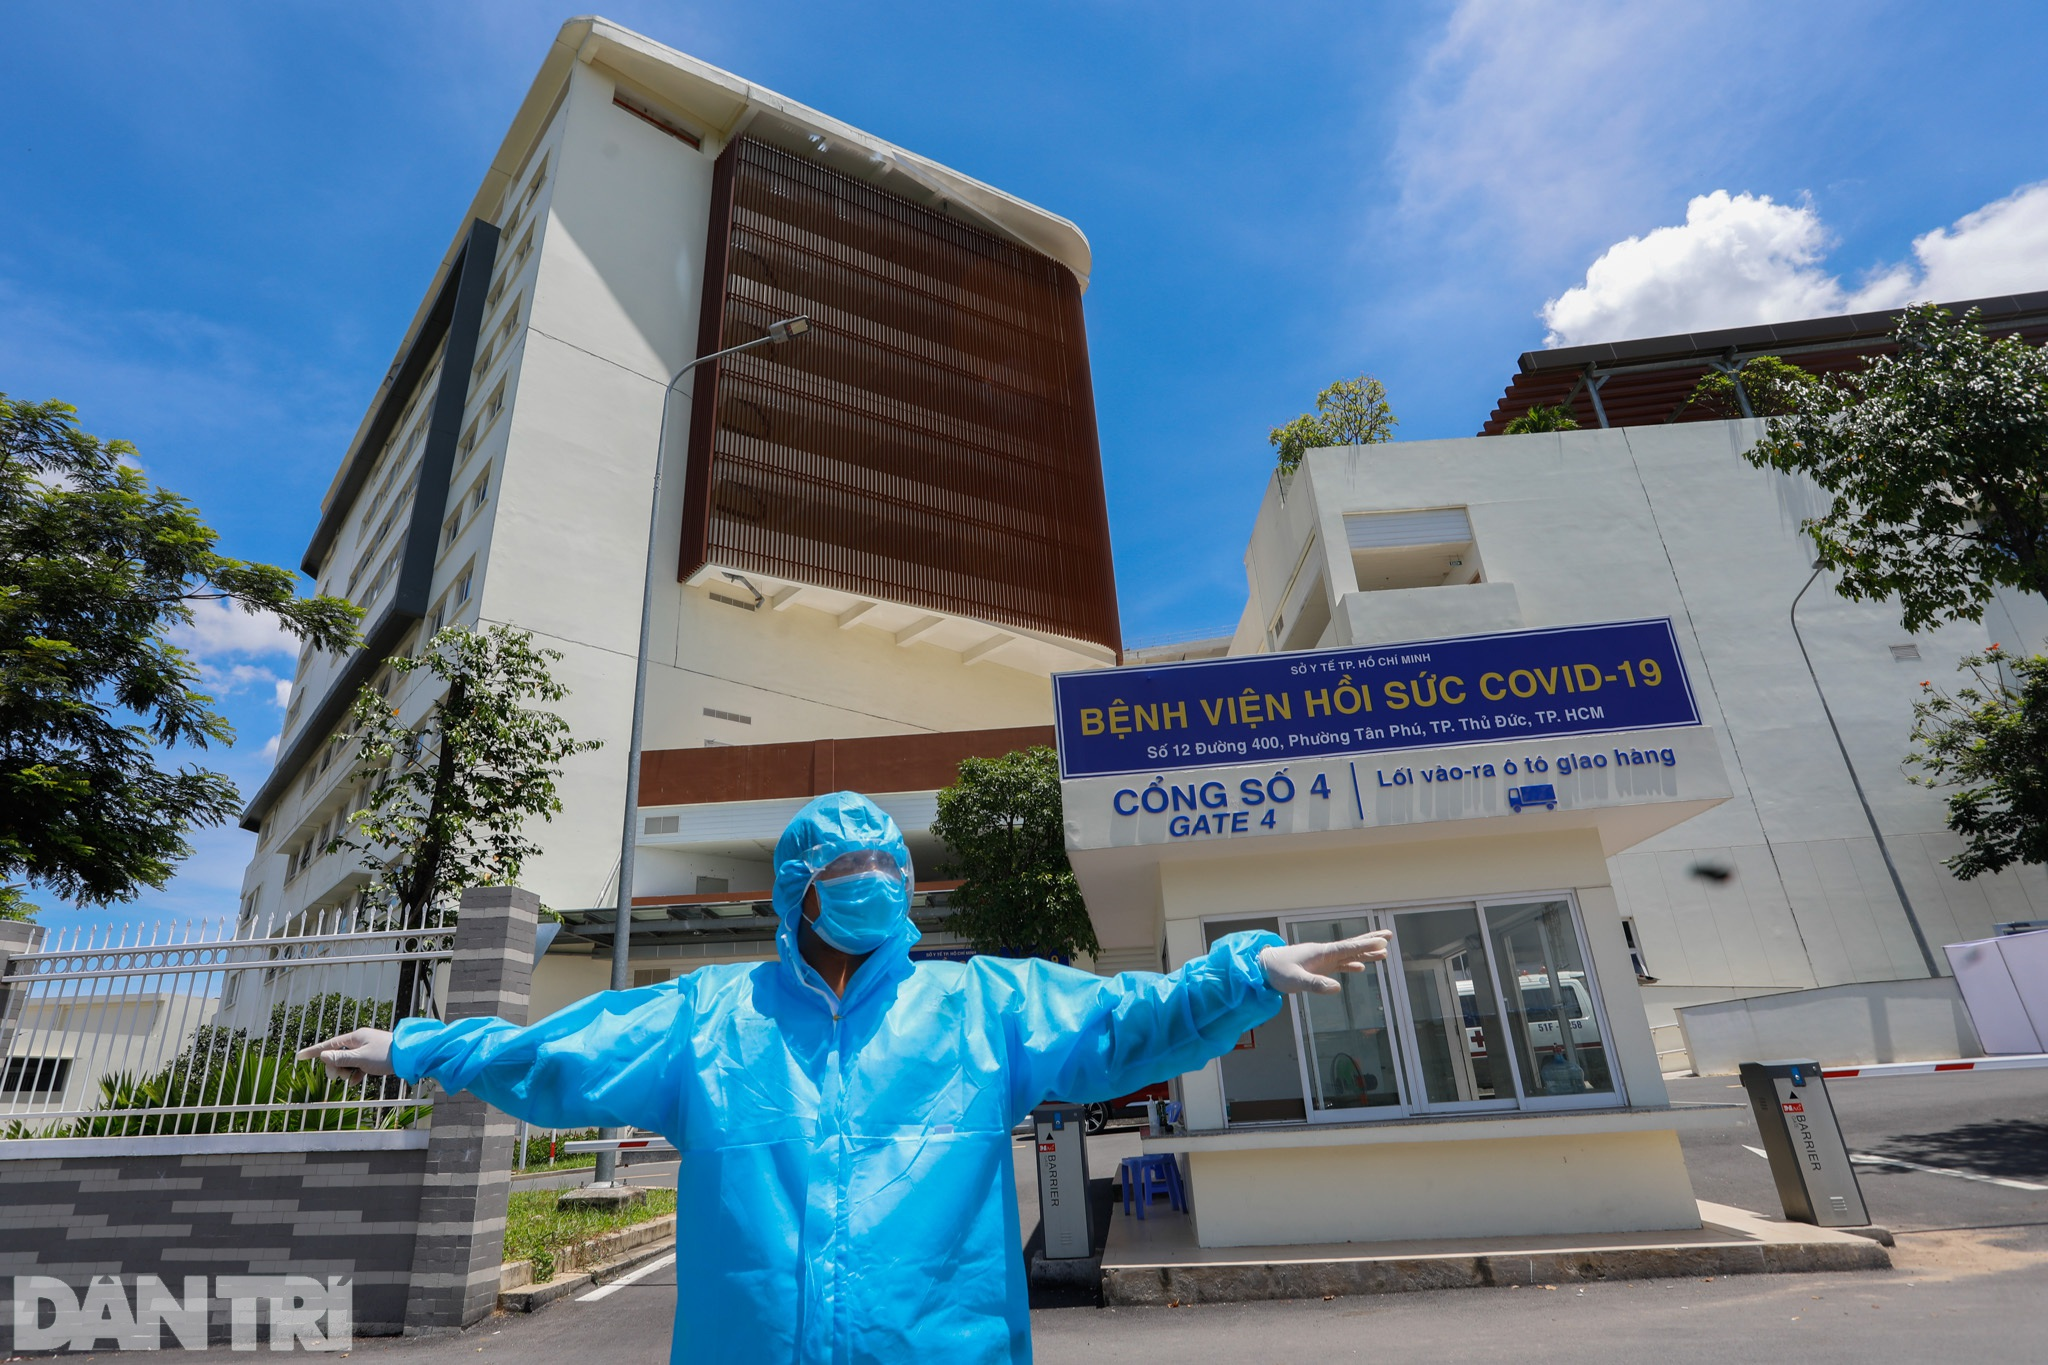 Bên trong Bệnh viện Hồi sức Covid-19 quy mô 1.000 giường ở TPHCM - 1